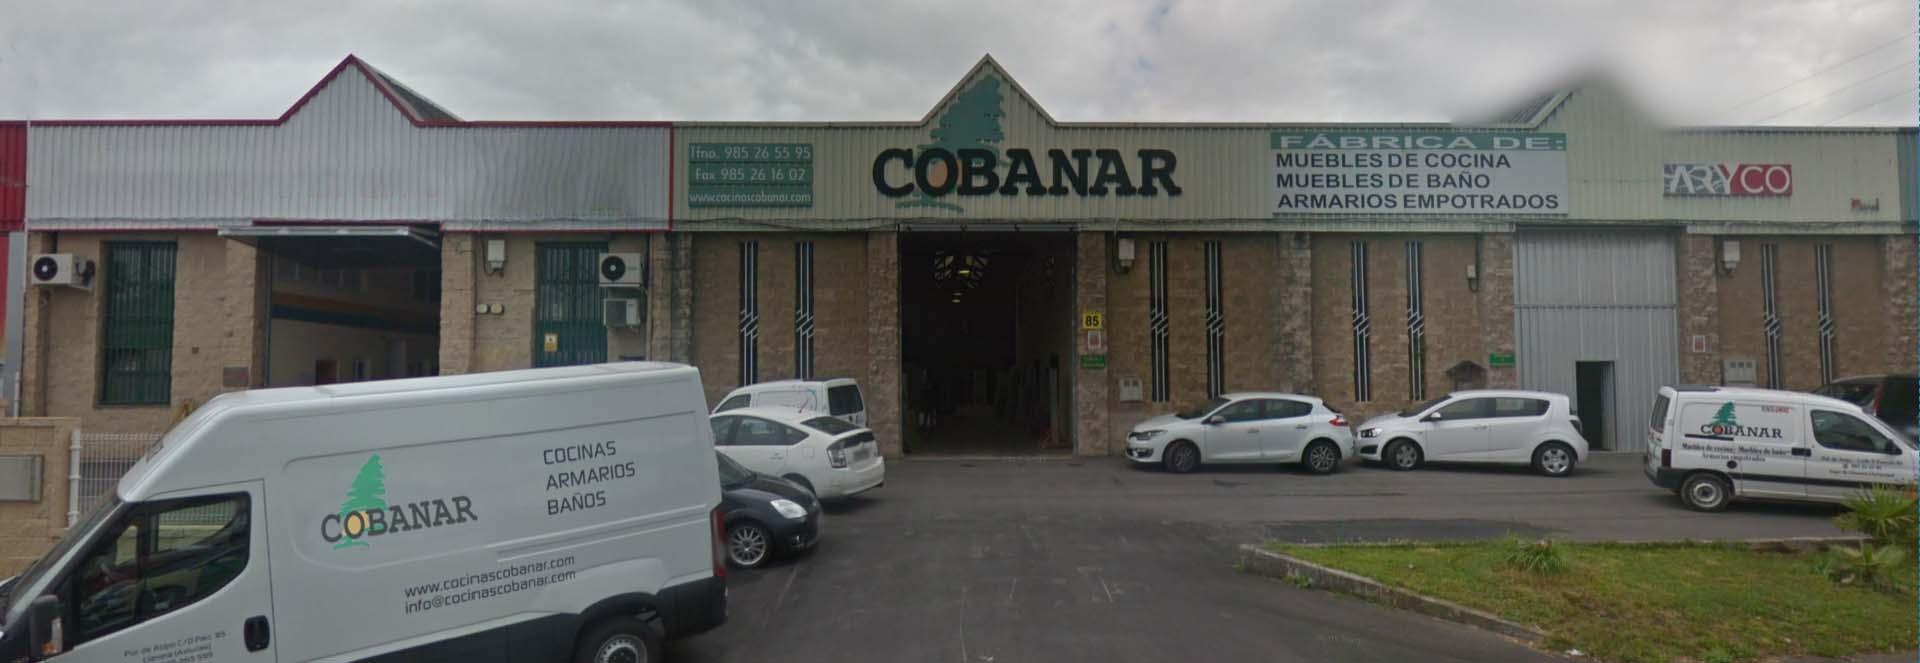 cobanar